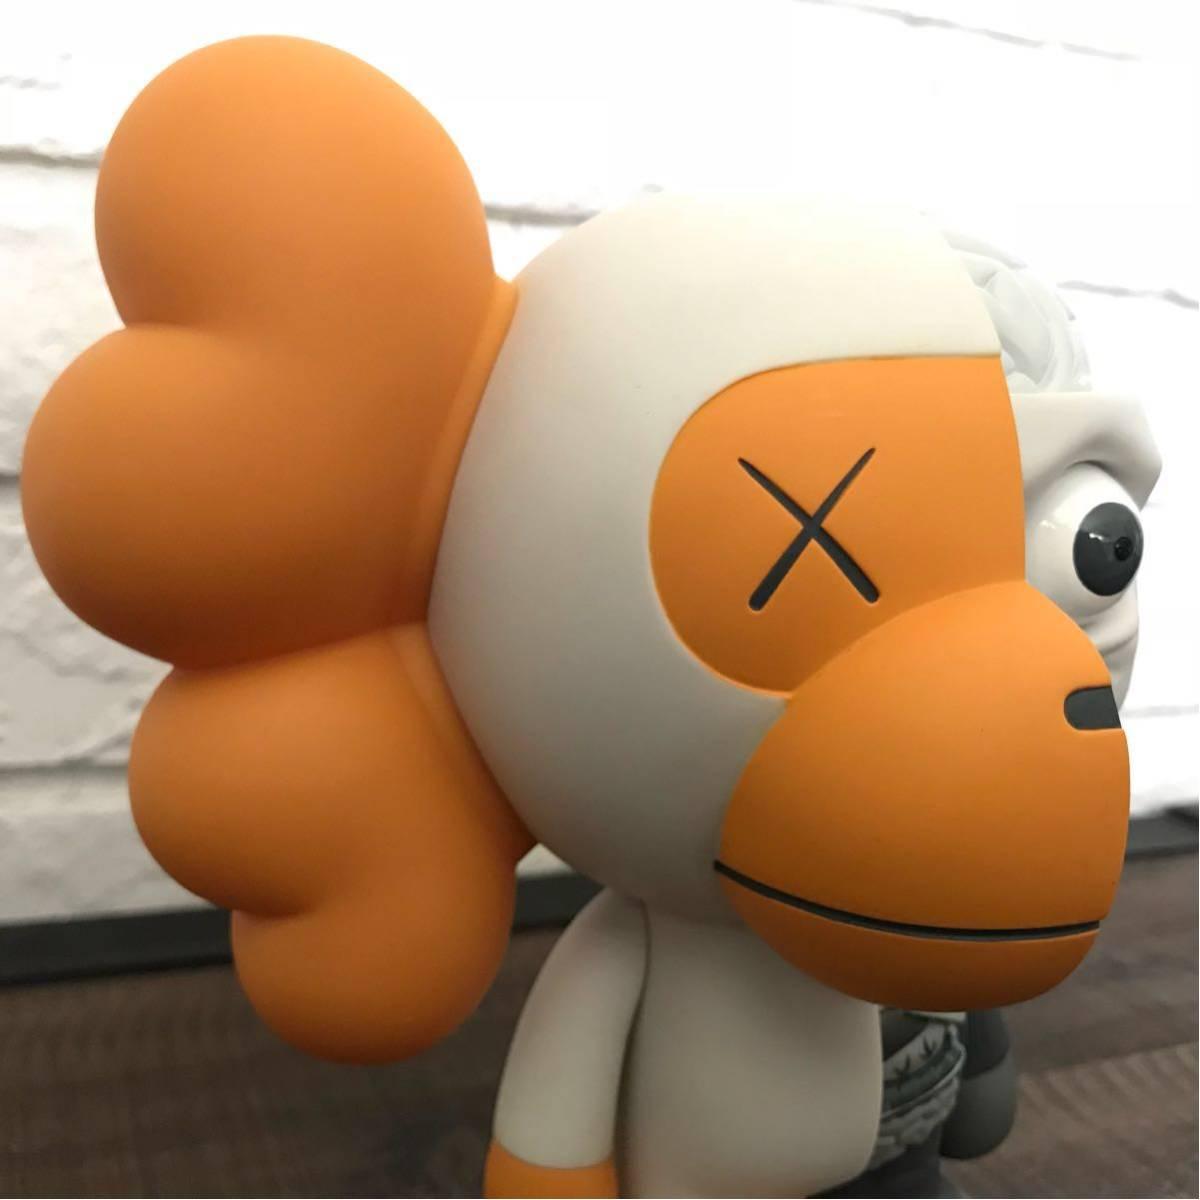 ★激レア★ BAPE × OriginalFake kaws milo フィギュア white a bathing ape カウズ マイロ オリジナルフェイク エイプ ベイプ Figure